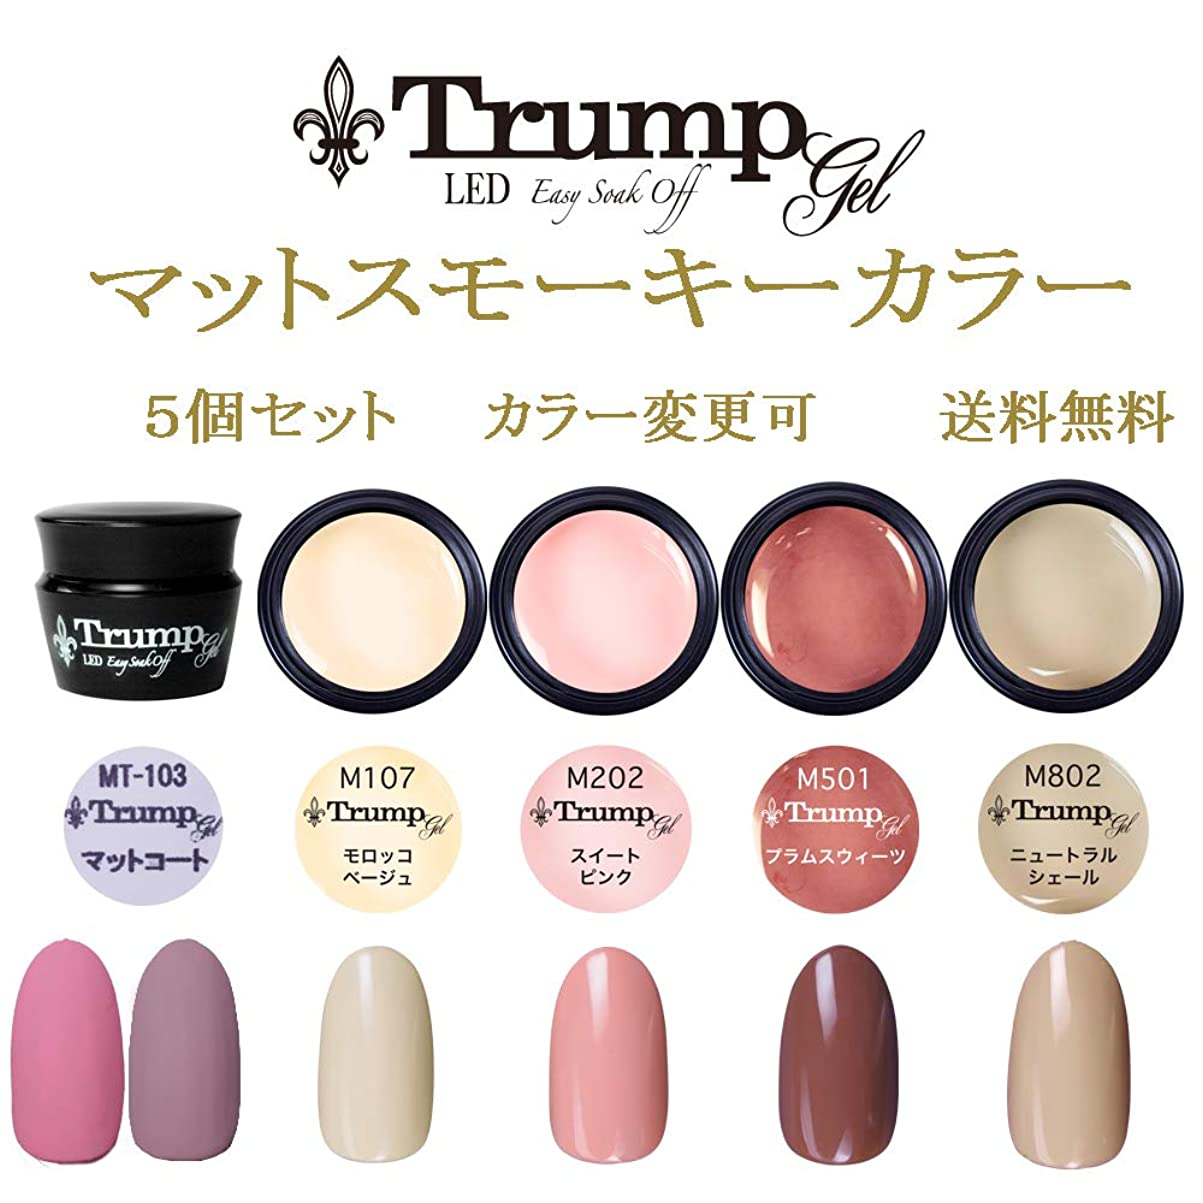 バイオレット救急車展示会【送料無料】日本製 Trump gel トランプジェル マットスモーキー カラージェル 5個セット 魅惑のフロストマットトップとマットに合う人気カラーをチョイス